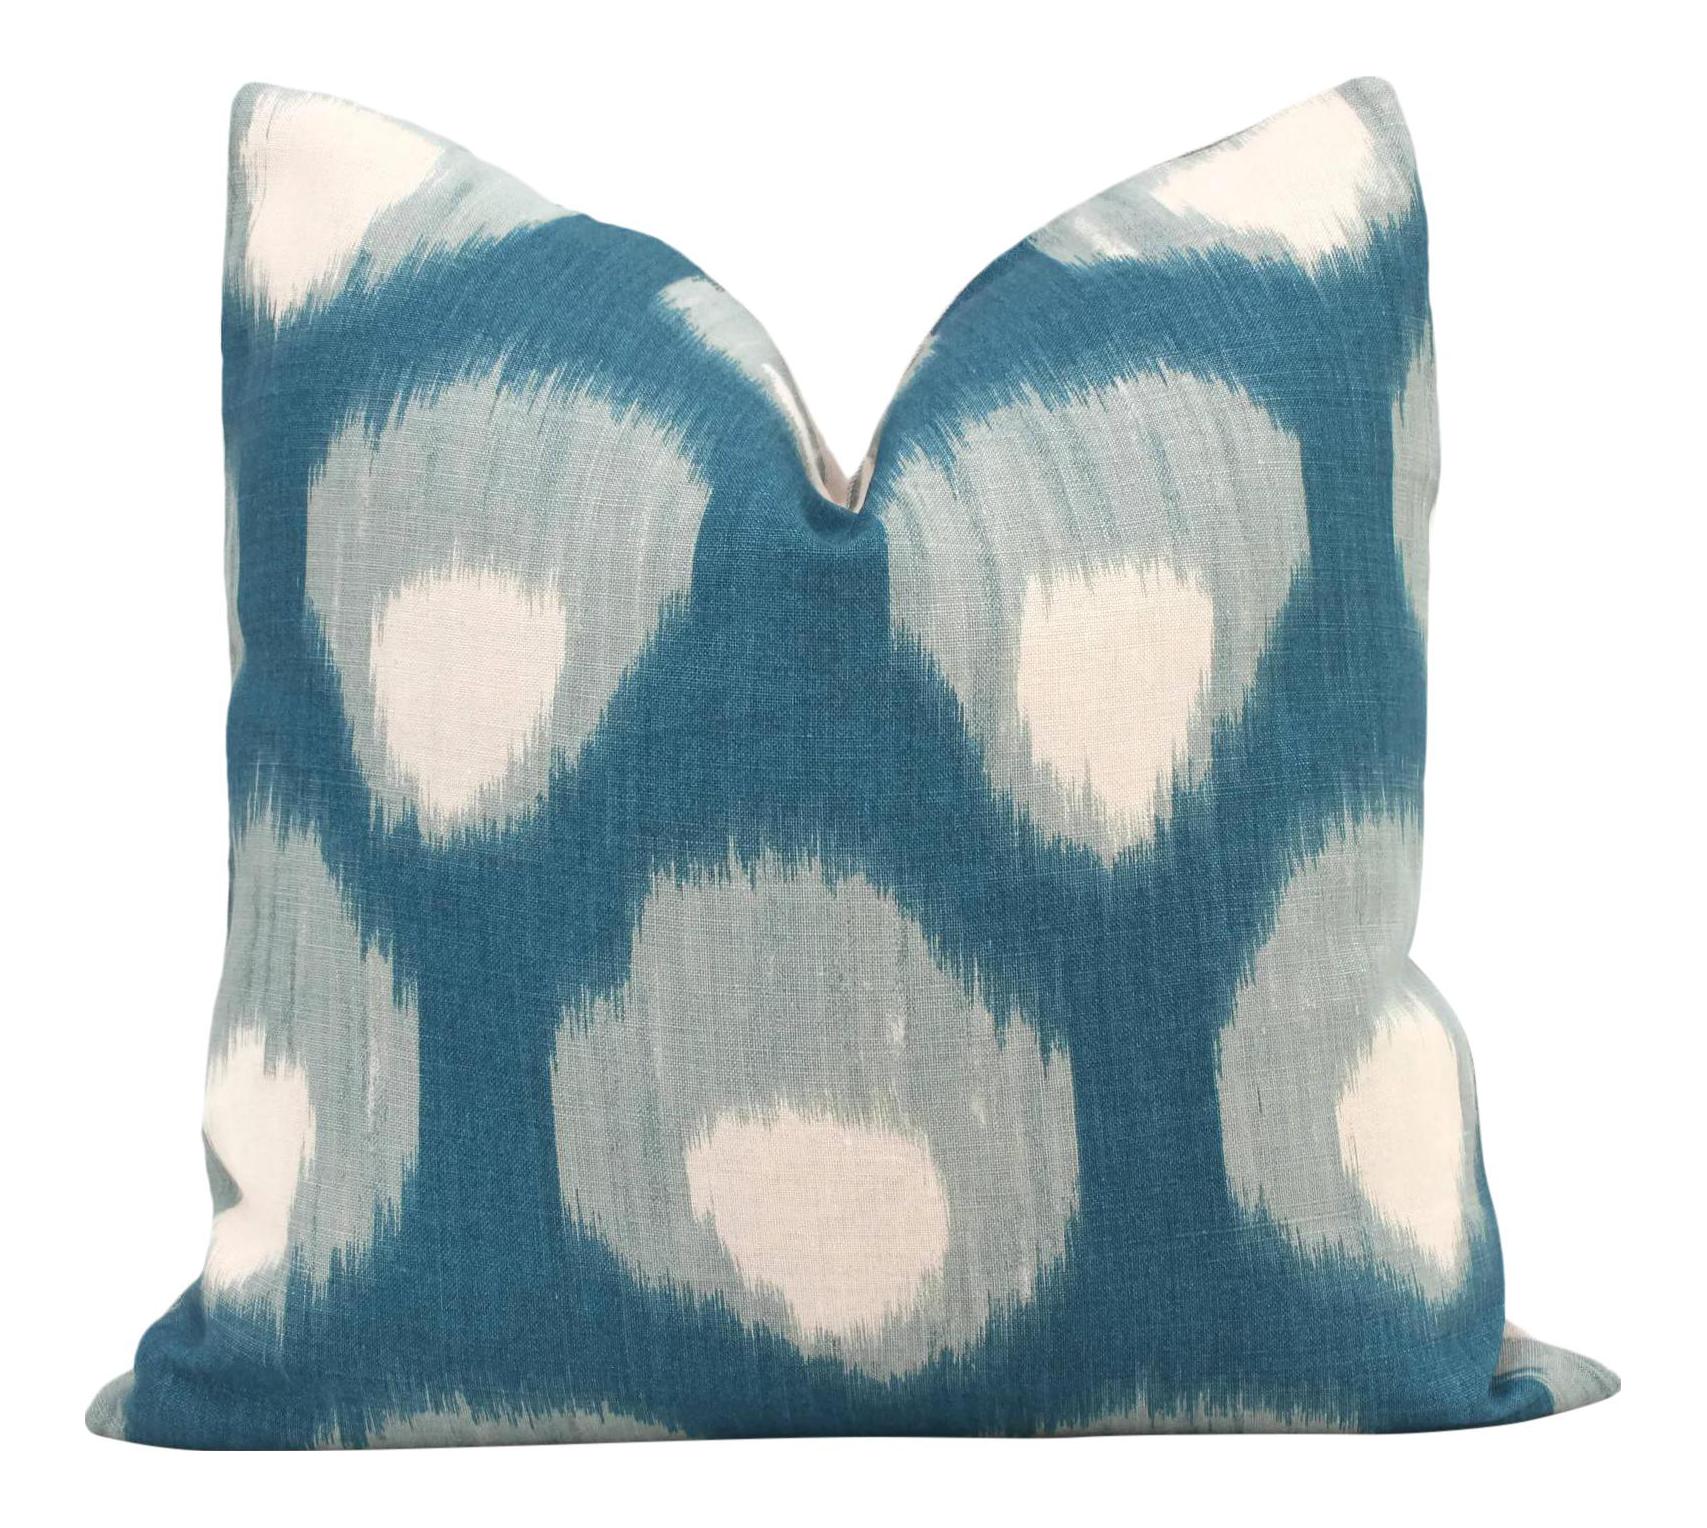 Peacock Blue Throw Pillows - photo#40